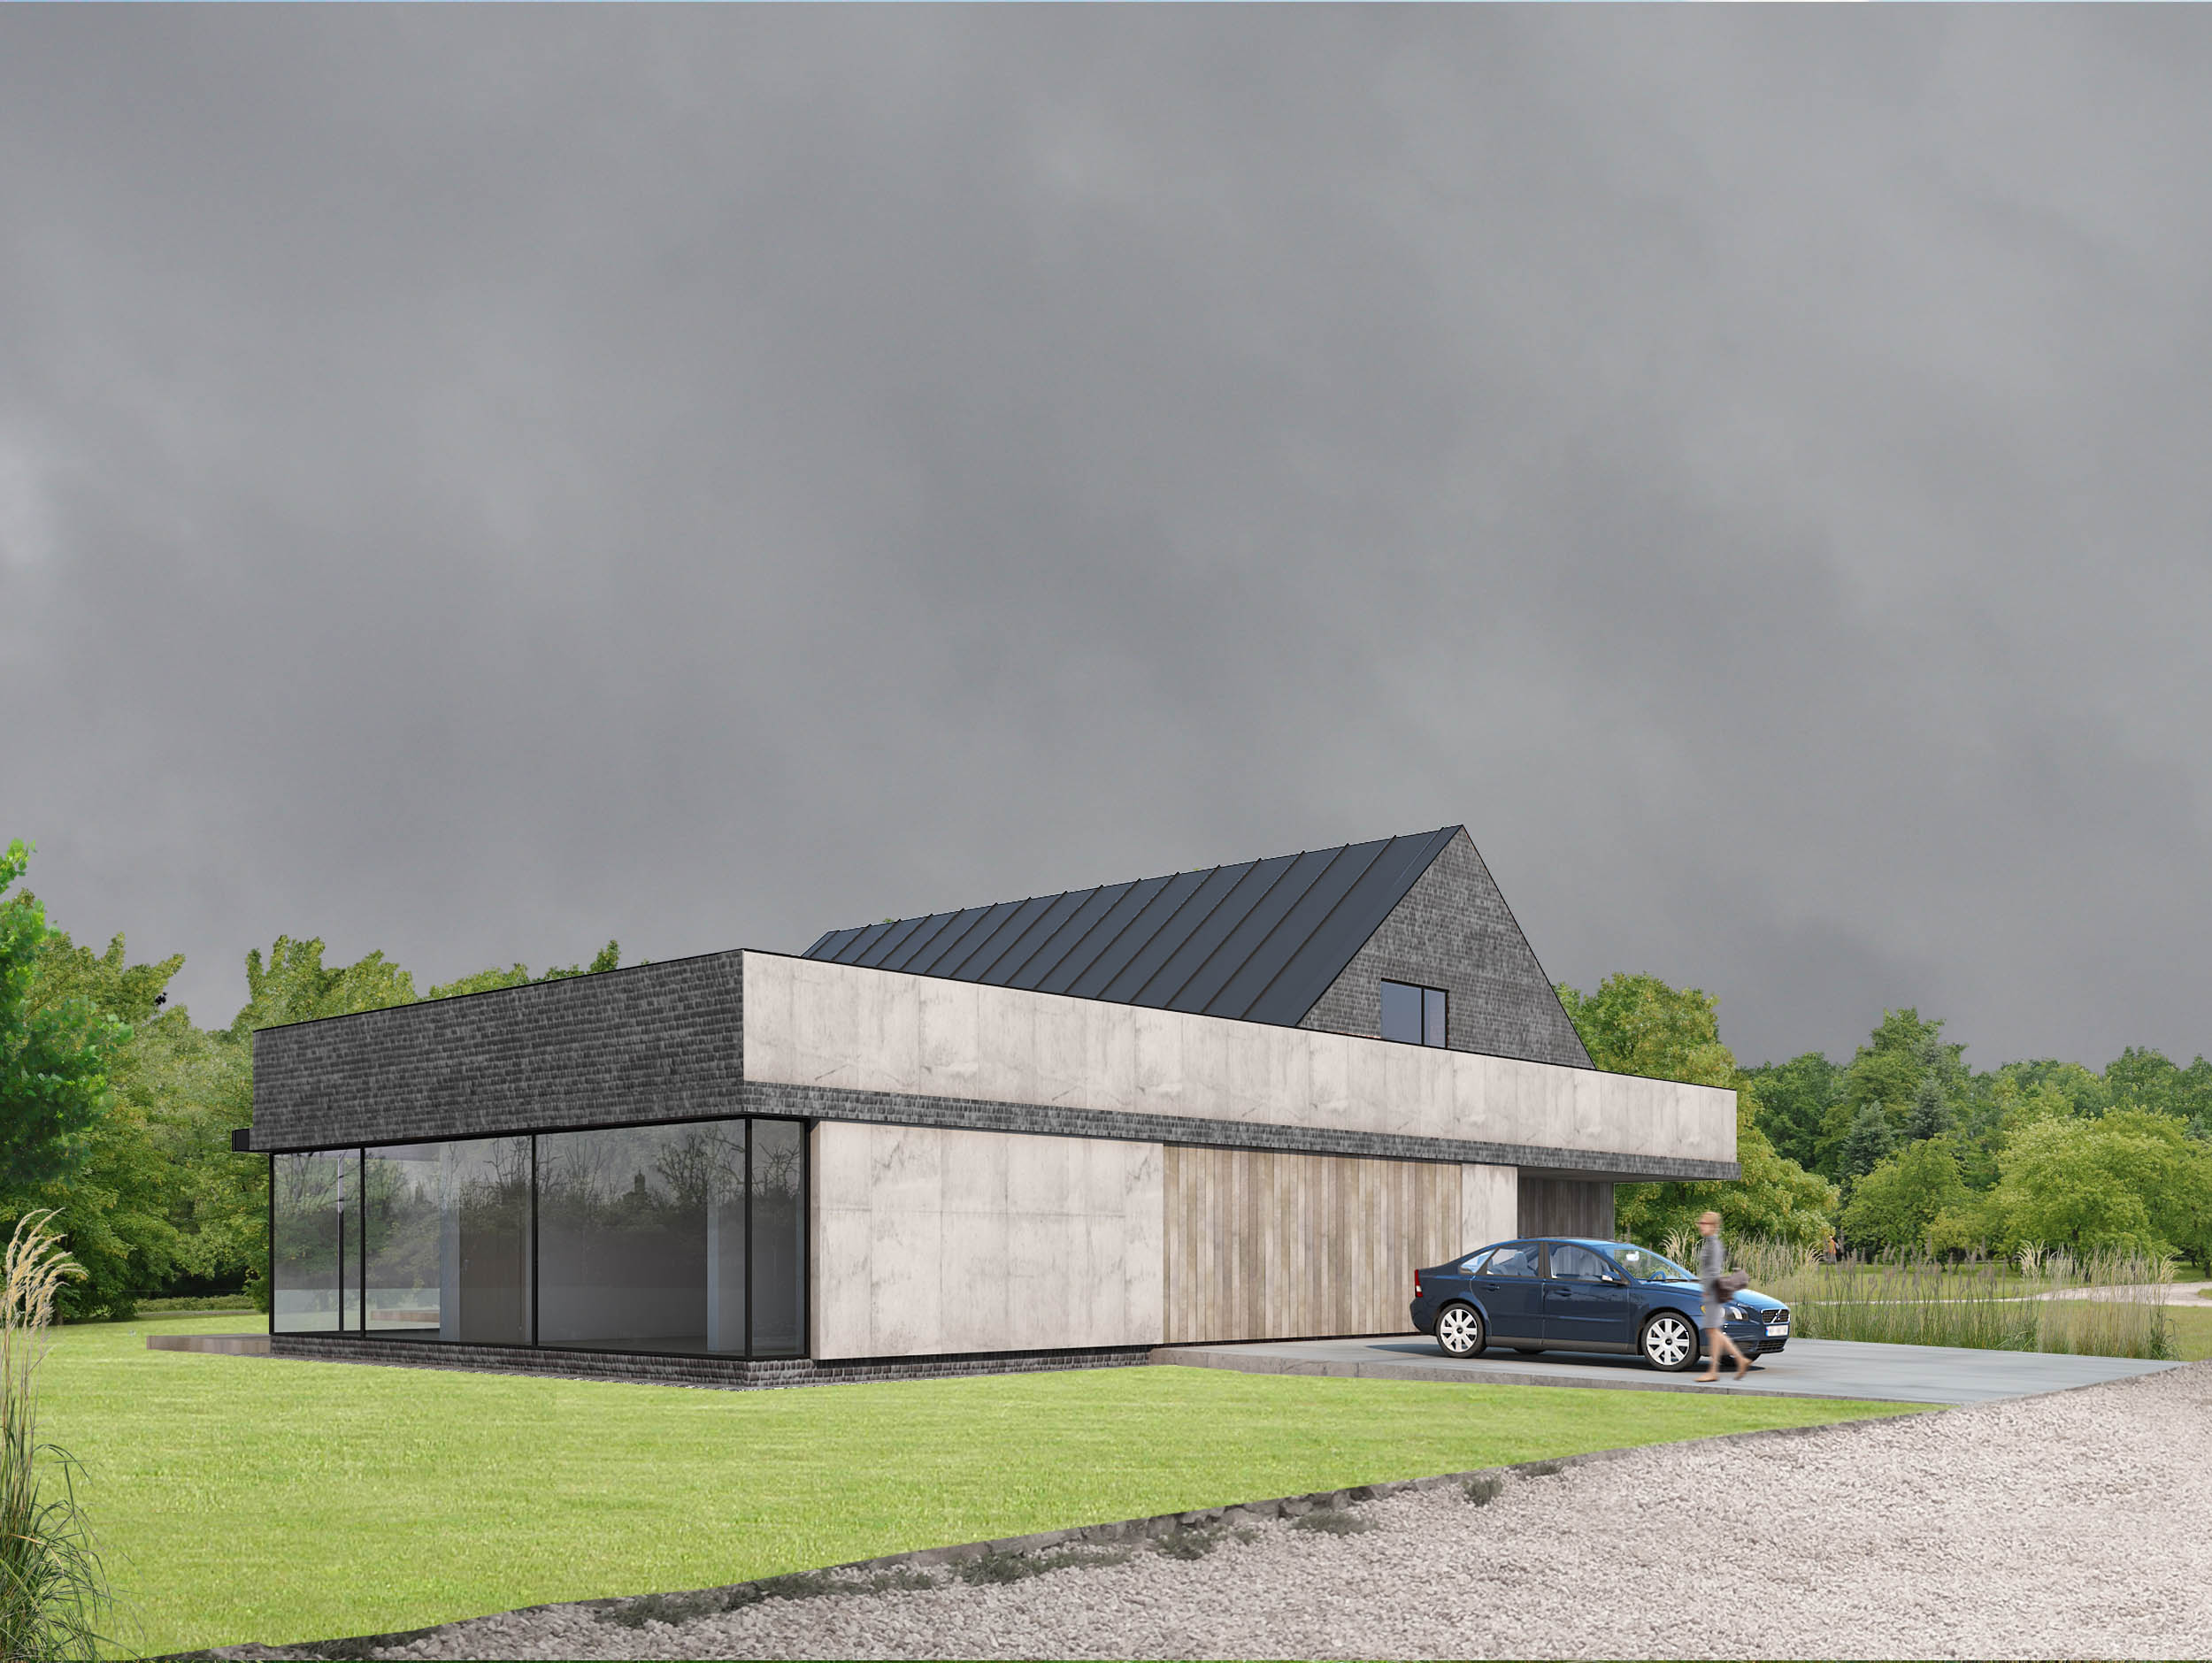 Projekty Domów Parterowych Bez Garażu Architektura Oraz Projektant